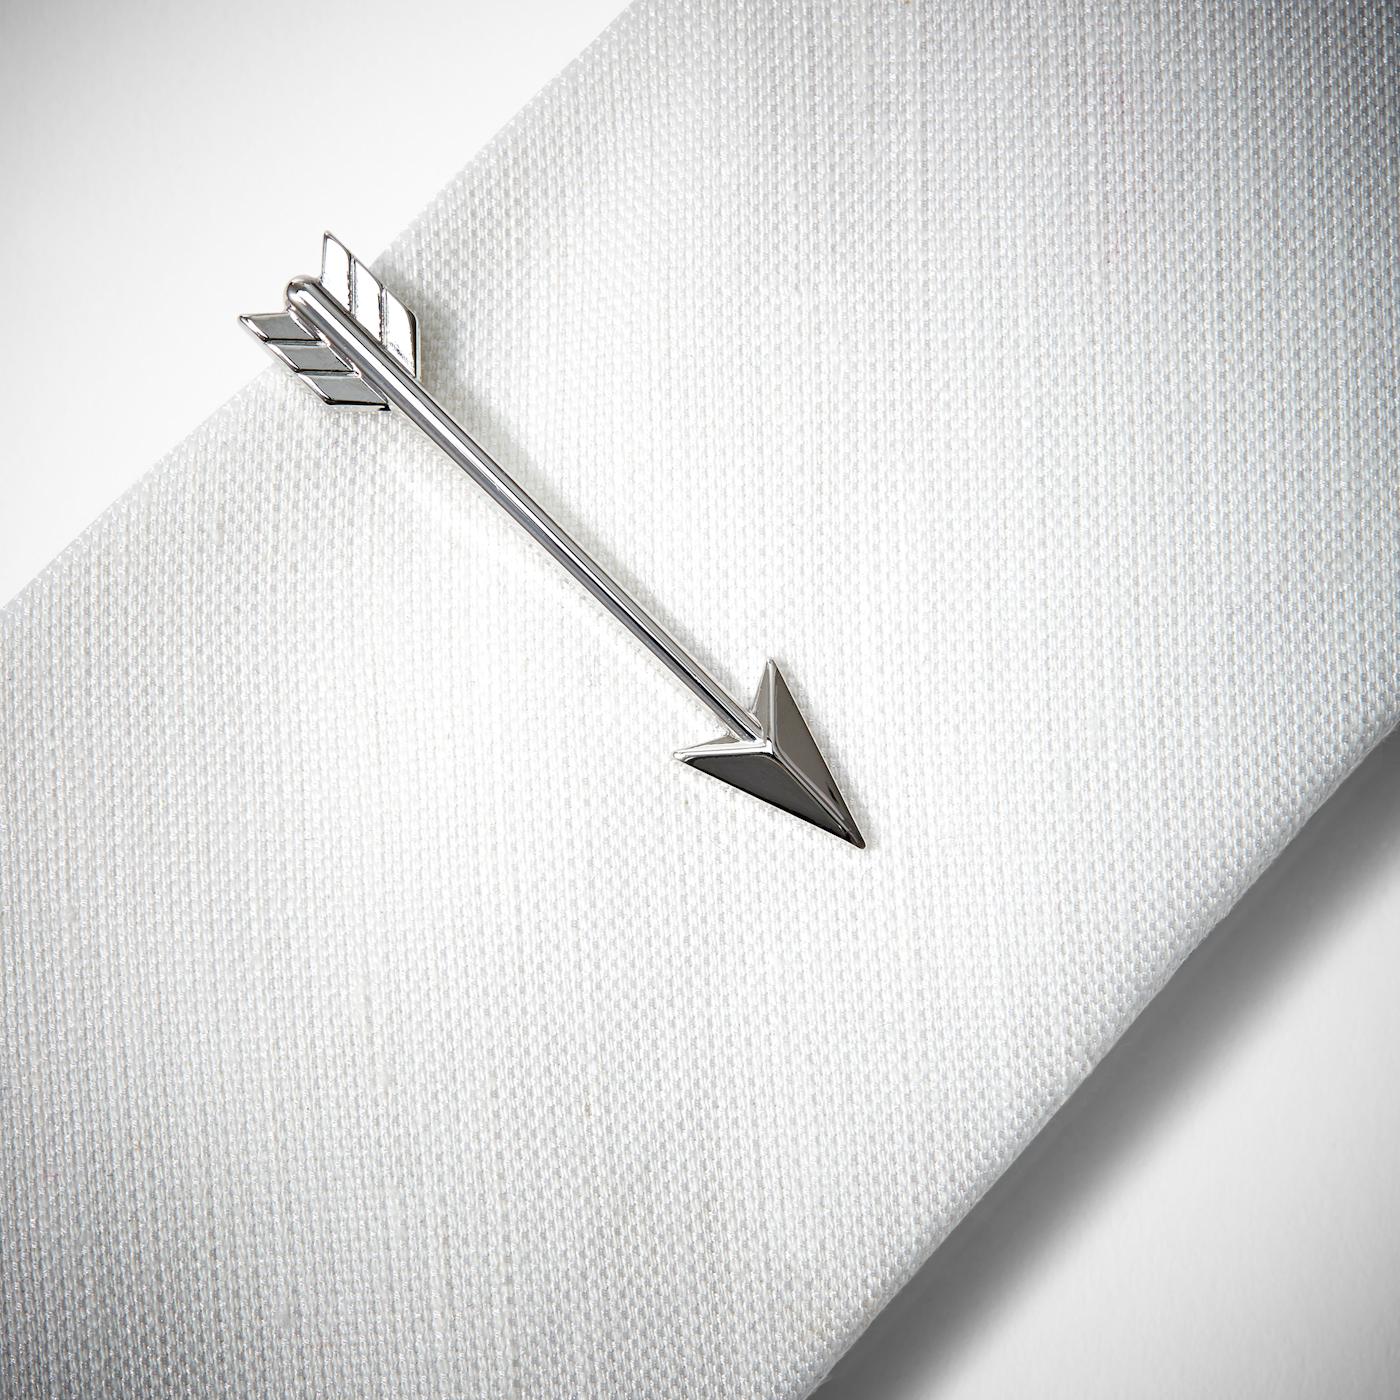 Cupid Arrow Tie Bar